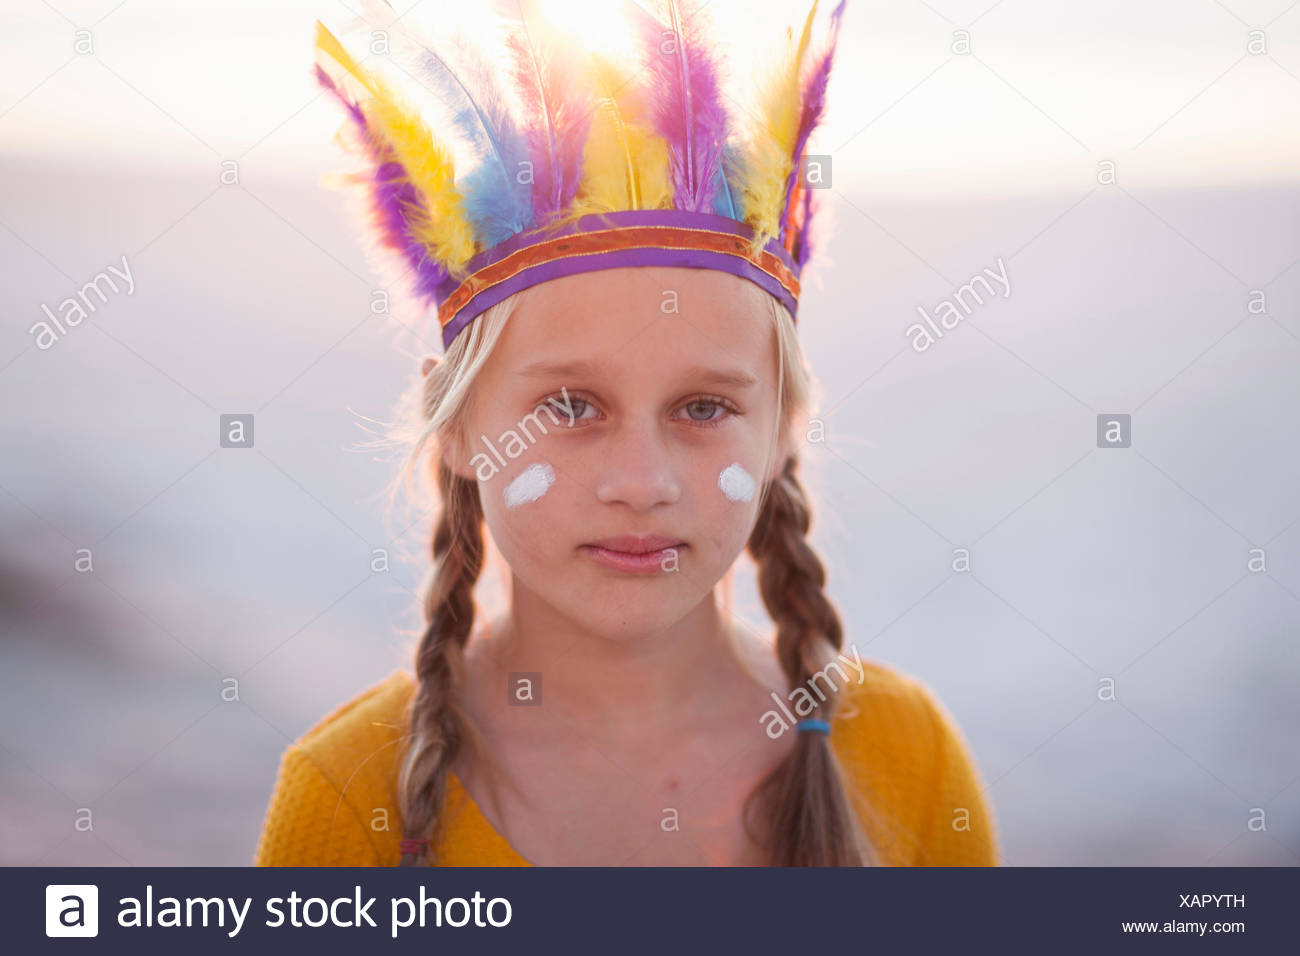 Retrato de niña vestidos como nativo americano con un tocado de plumas Imagen De Stock